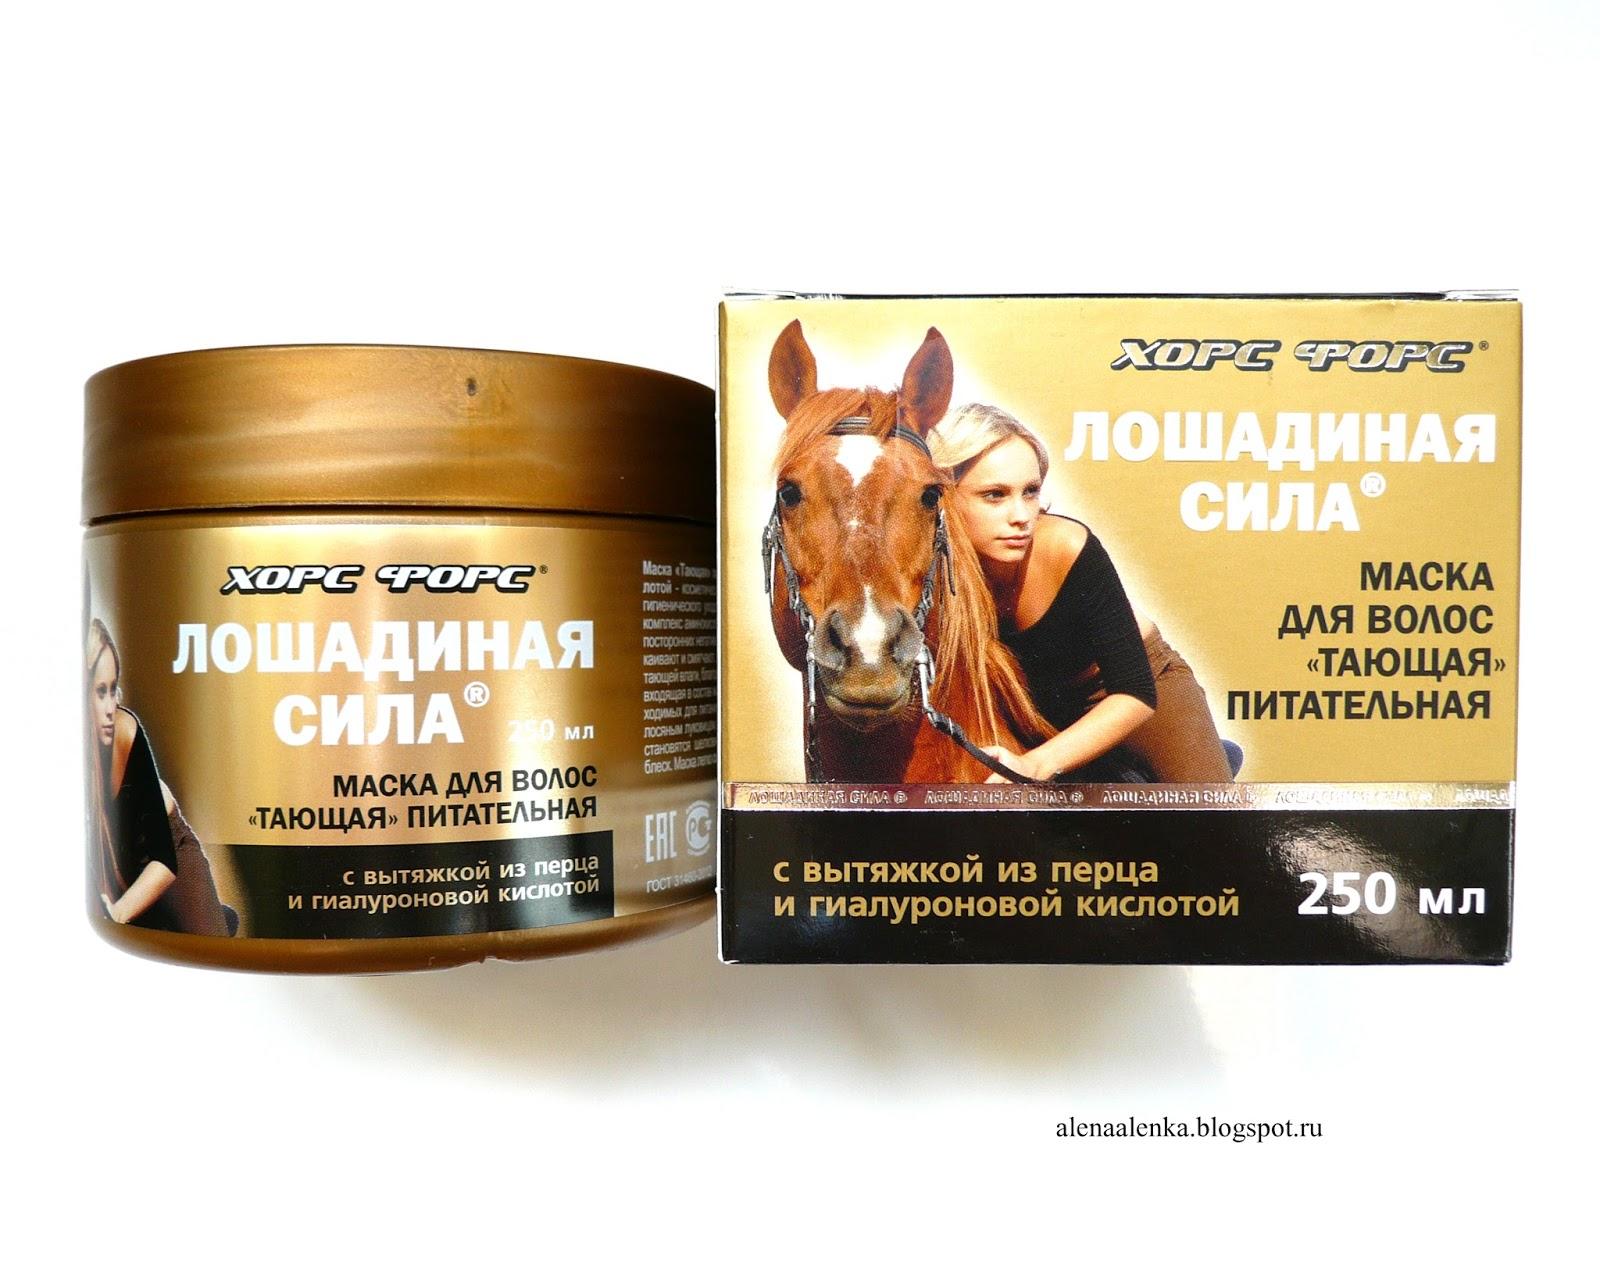 Маска для волос лошадиная сила